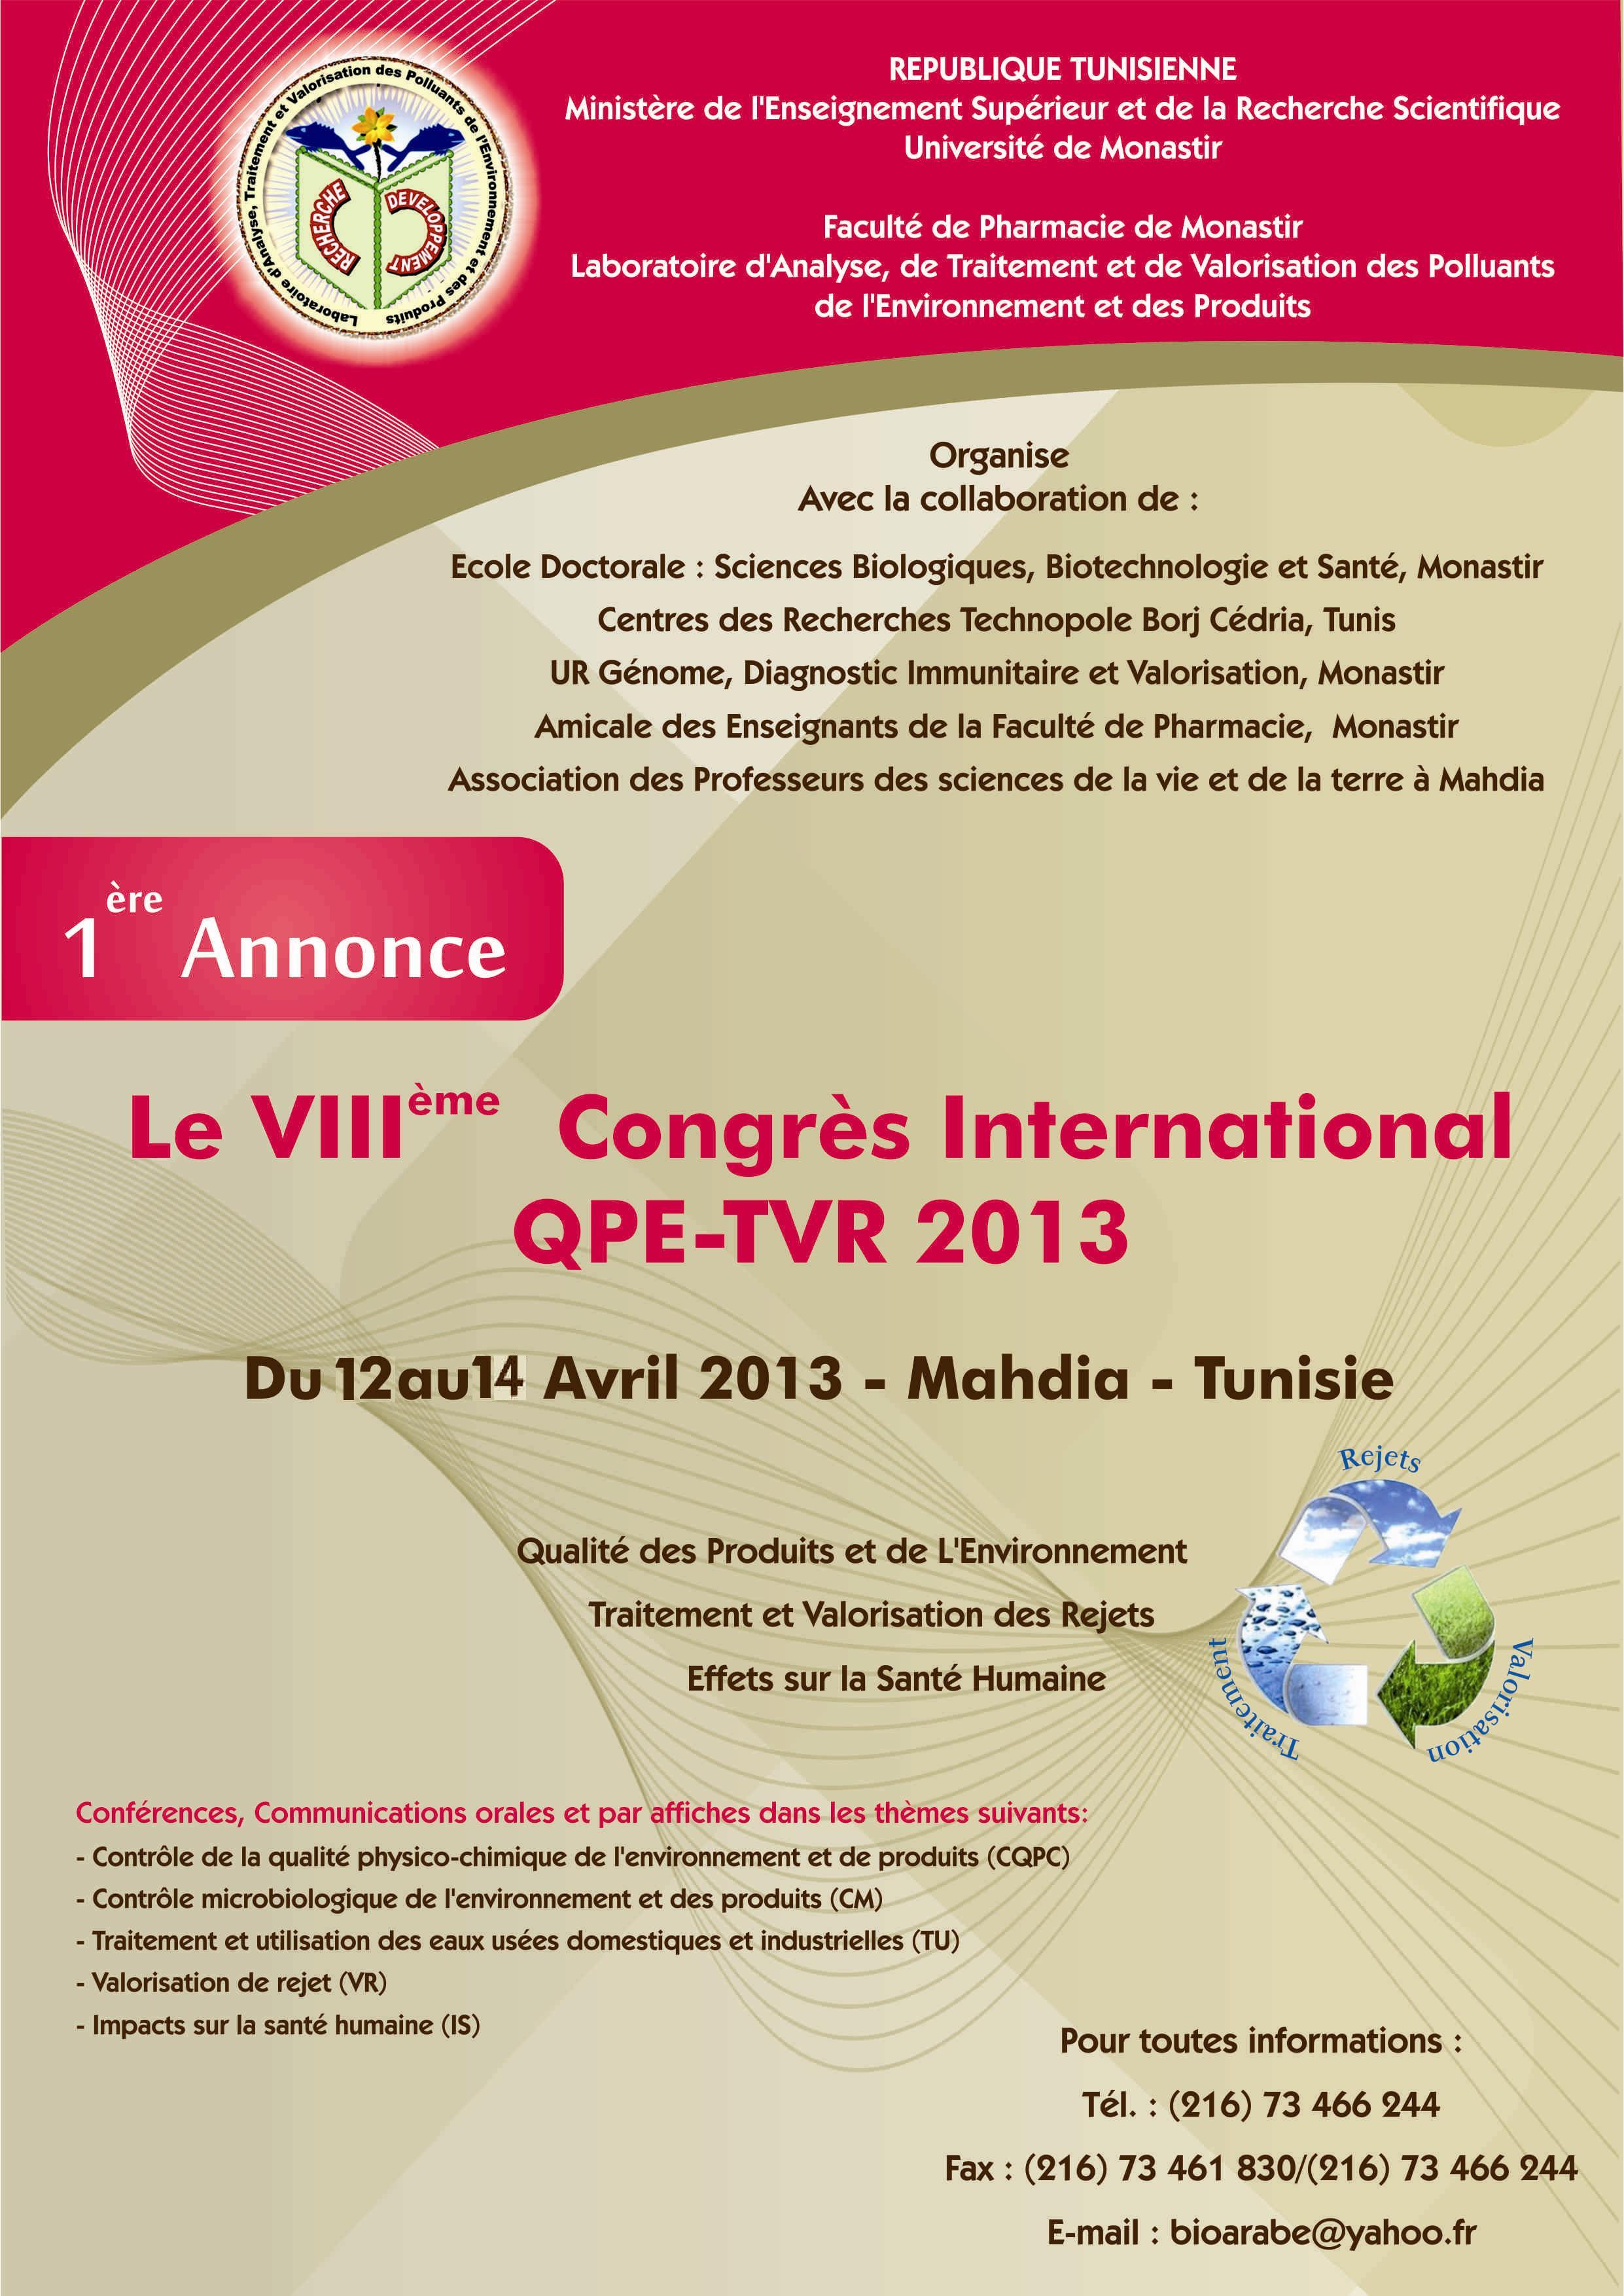 Site rencontre tunisie zouz